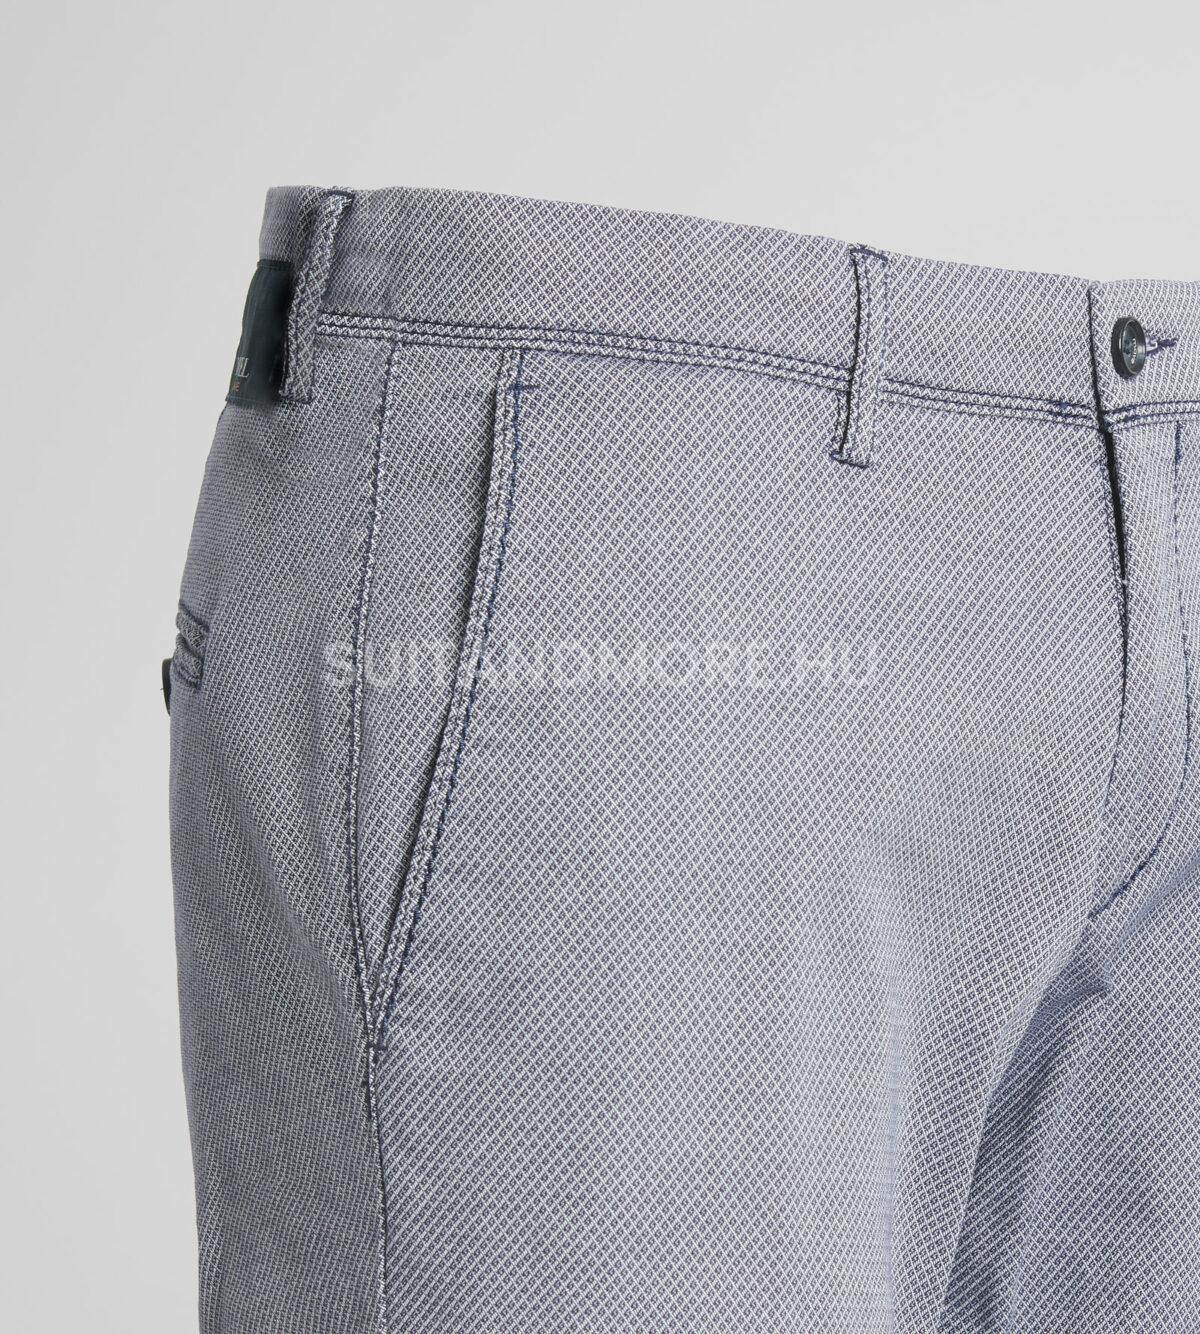 világoskék-extra-slim-fit-aprómintás-pamut-sztreccs-chino-nadrág-NIGEL-1181572-22-02